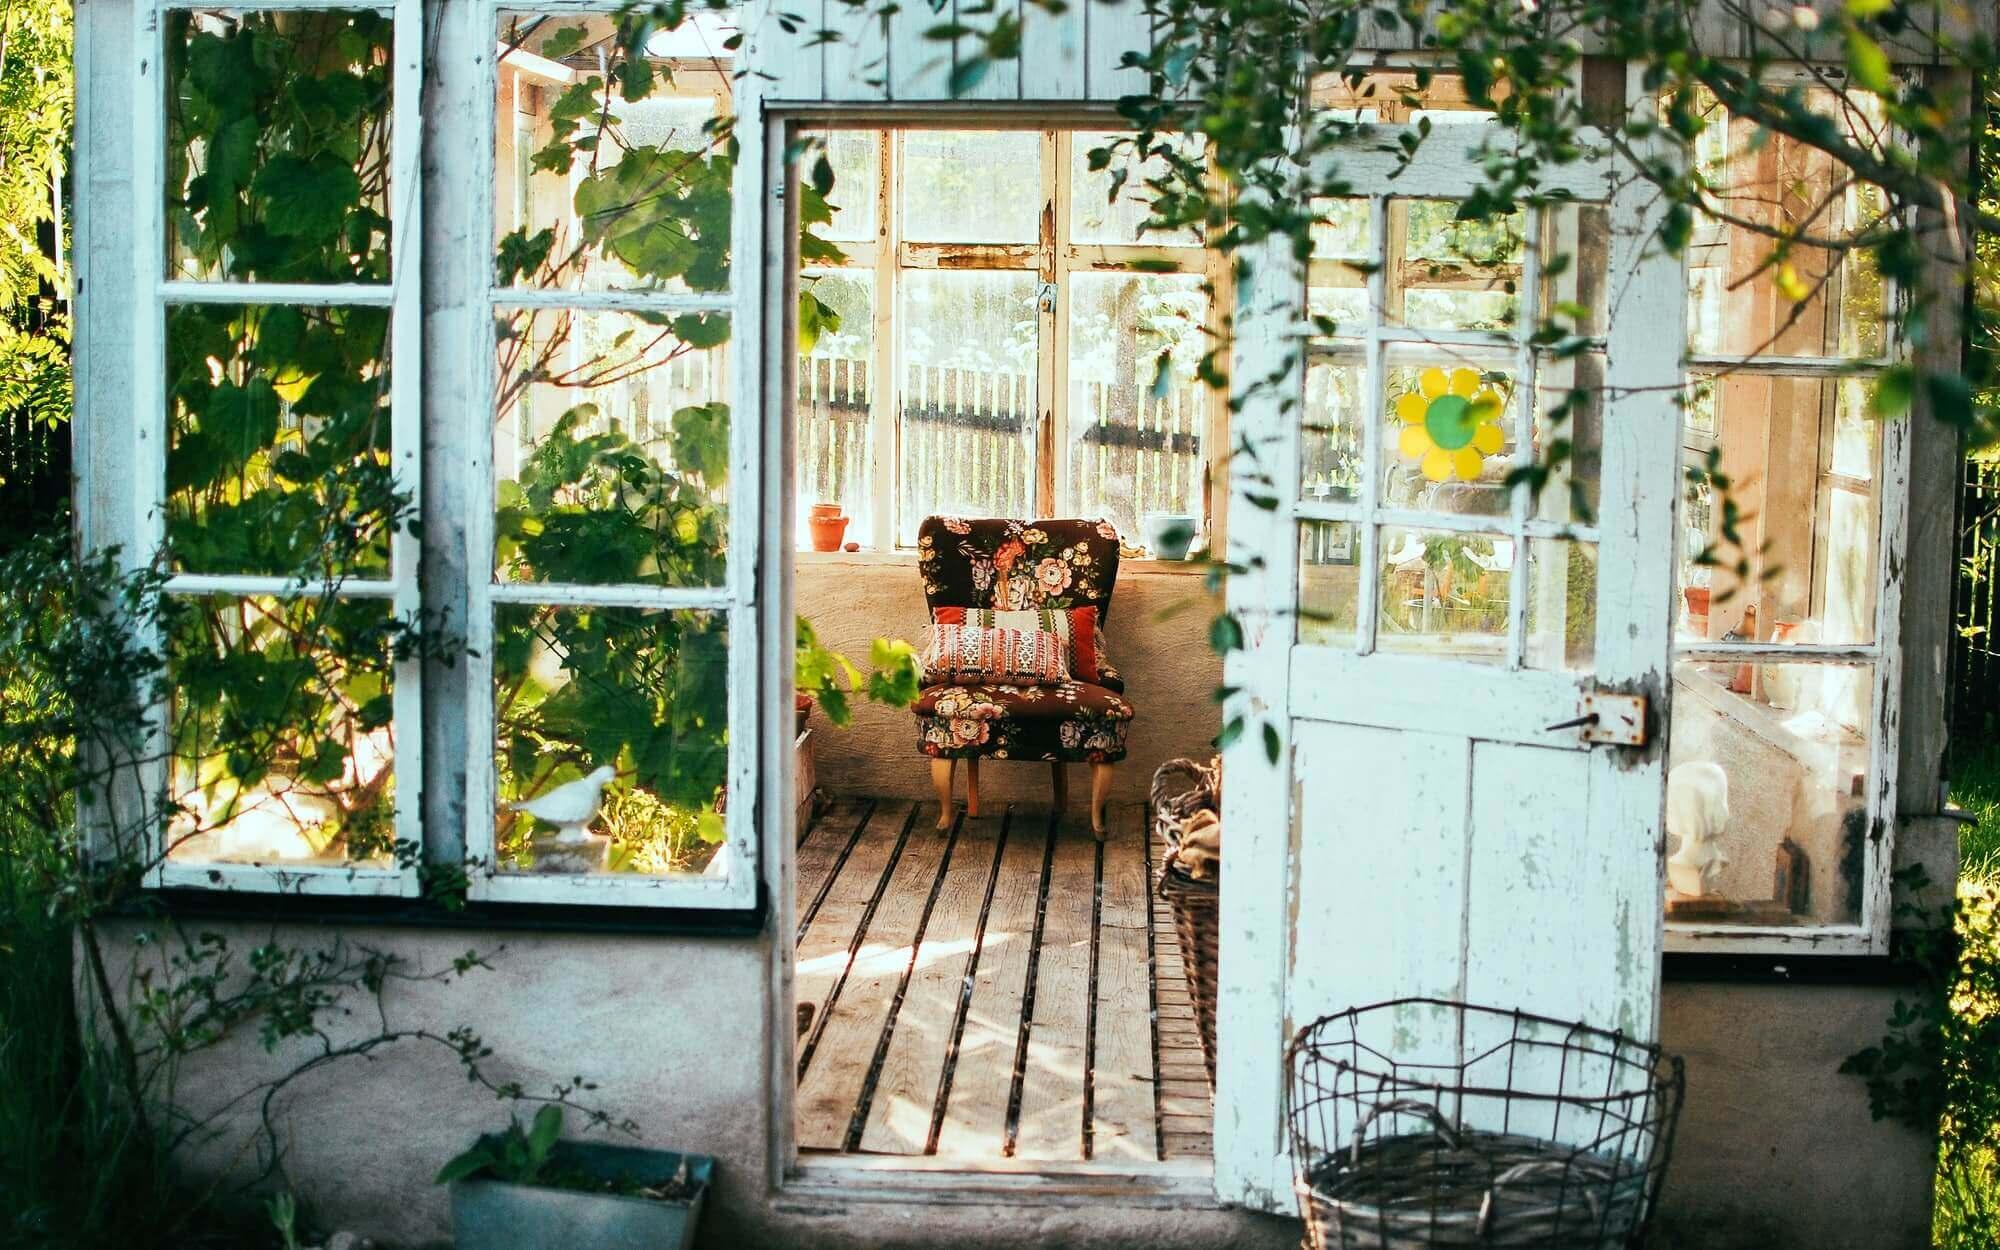 Поясним за новости: в Италии можно купить дом за 1 евро